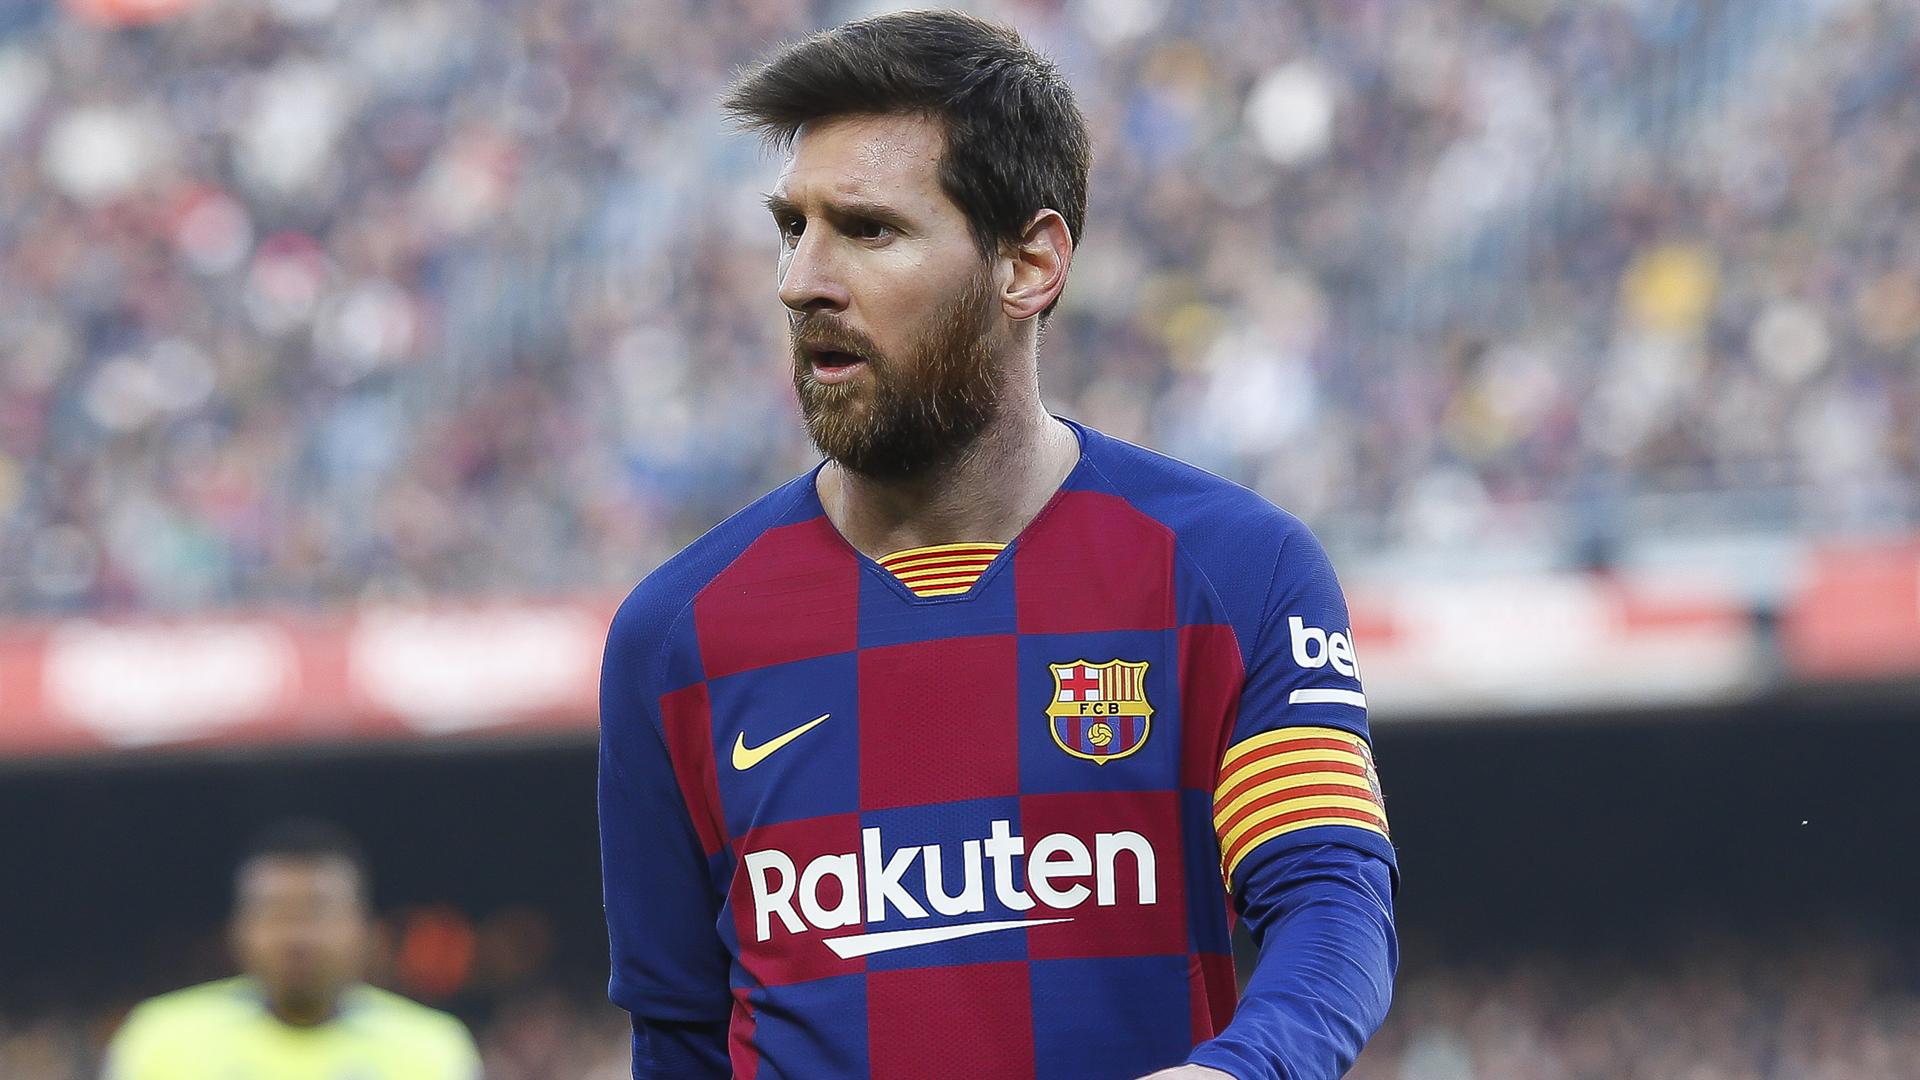 Maradona is divine for Neapolitans – Insigne won't compare Messi and Napoli great